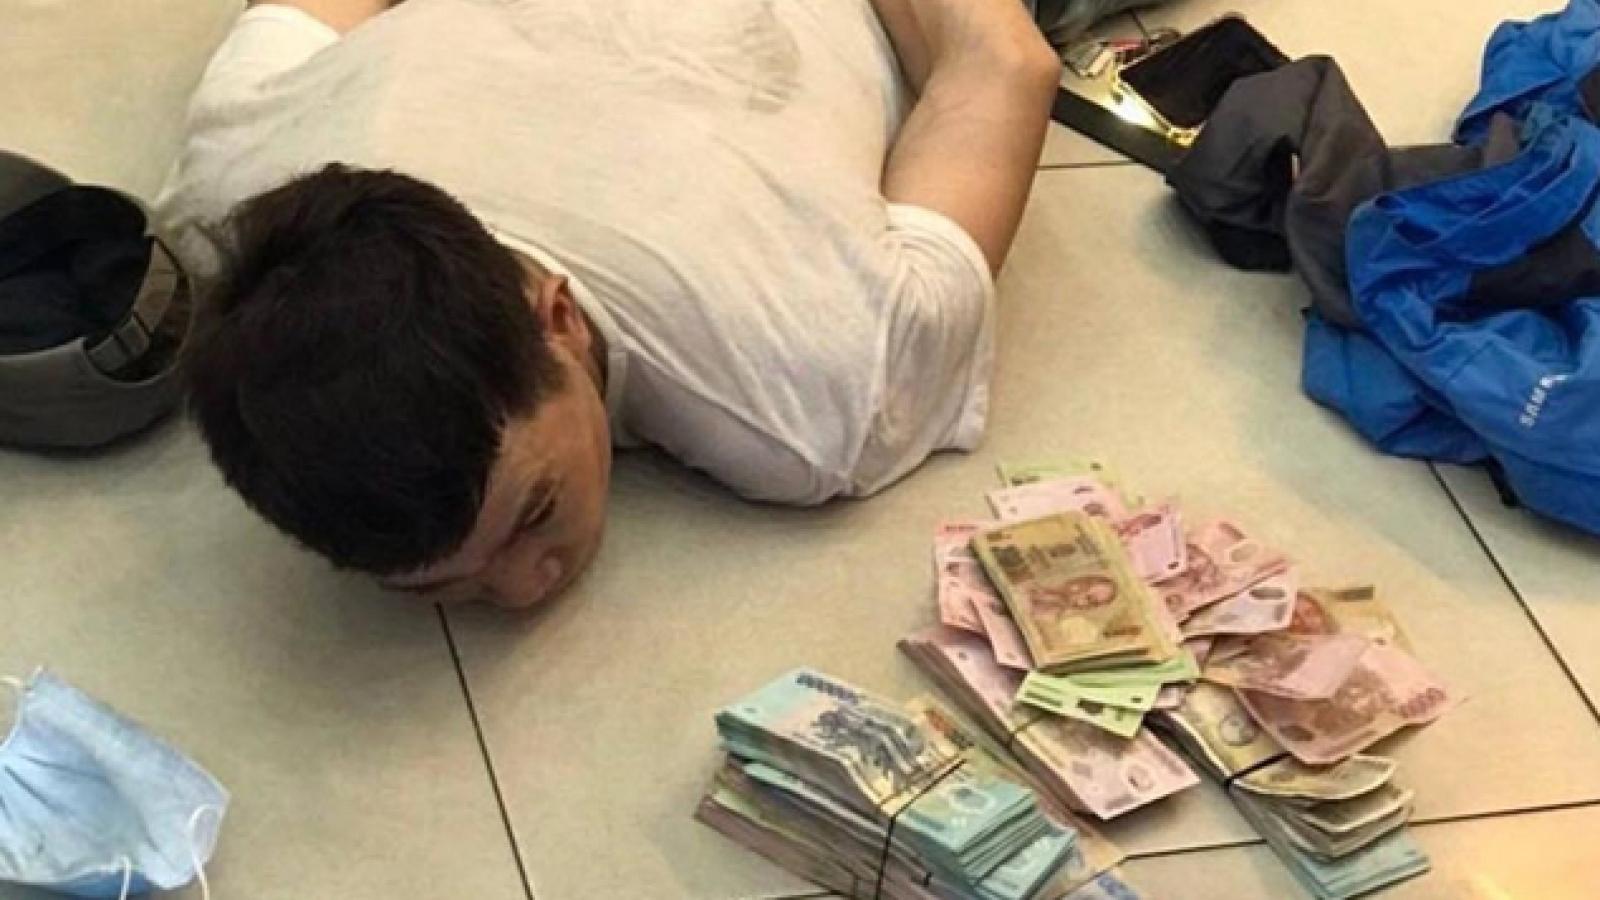 Khoét trần, đu dây trộm hơn 120 triệu đồng trong cửa hàng FPT